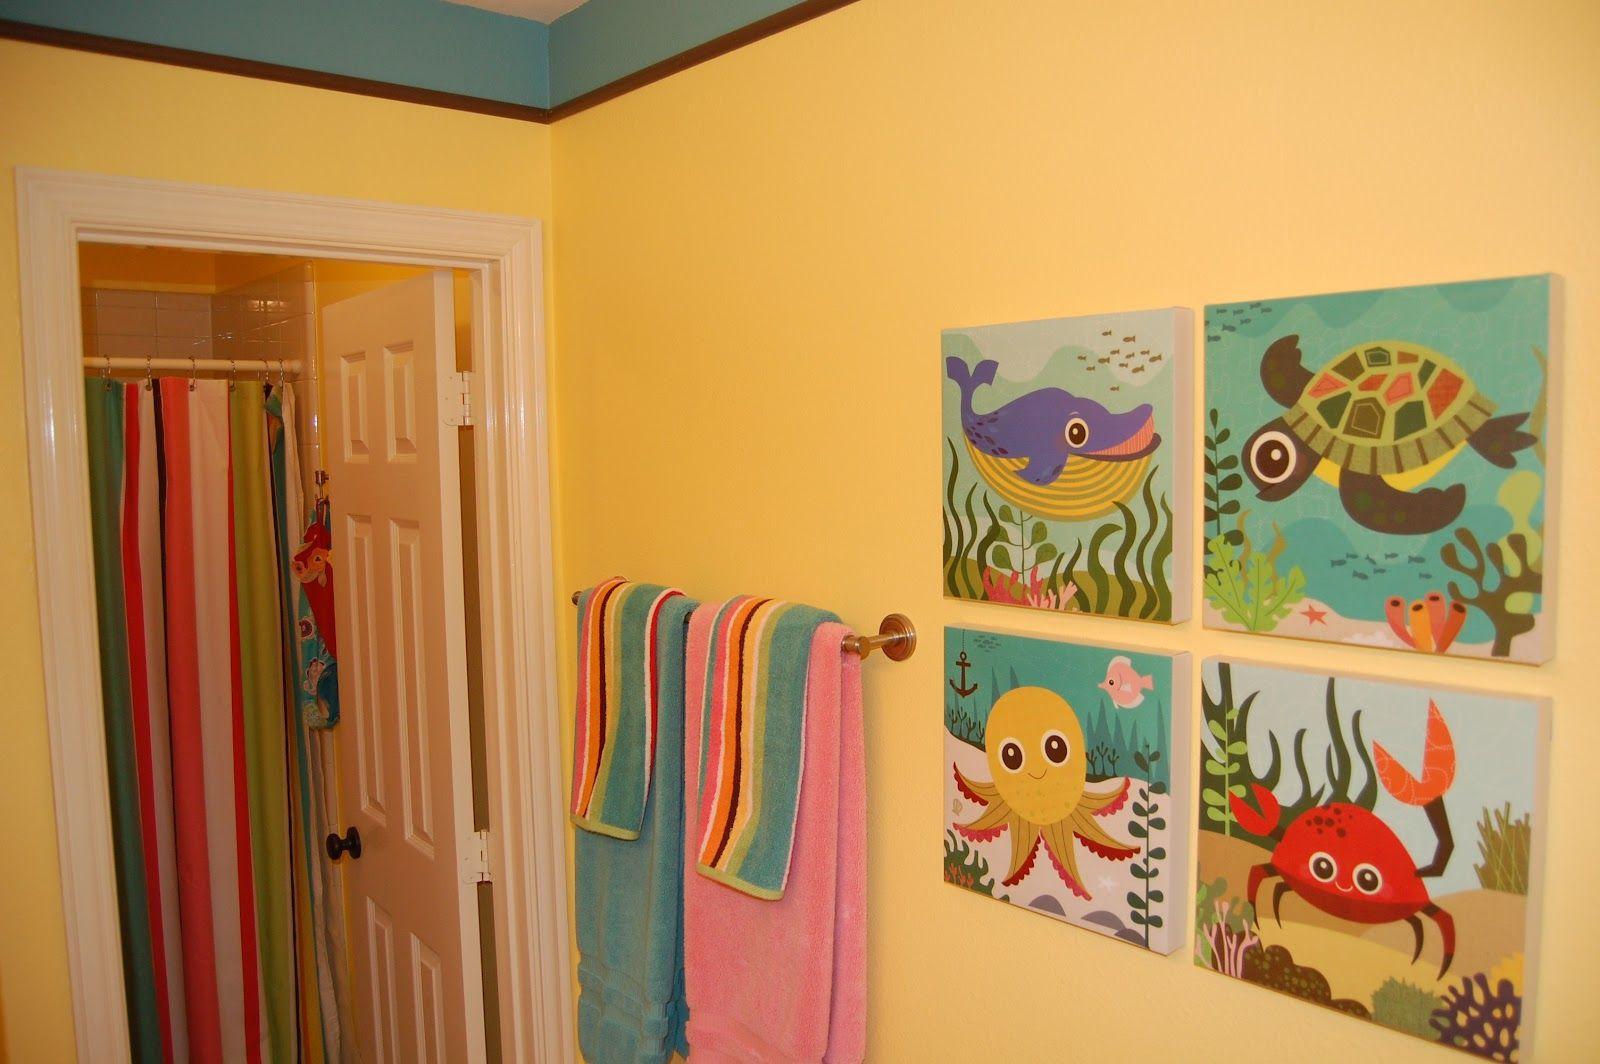 10 Design Ideas to Add Color Into Your Bathroom | Bathroom cabinets ...